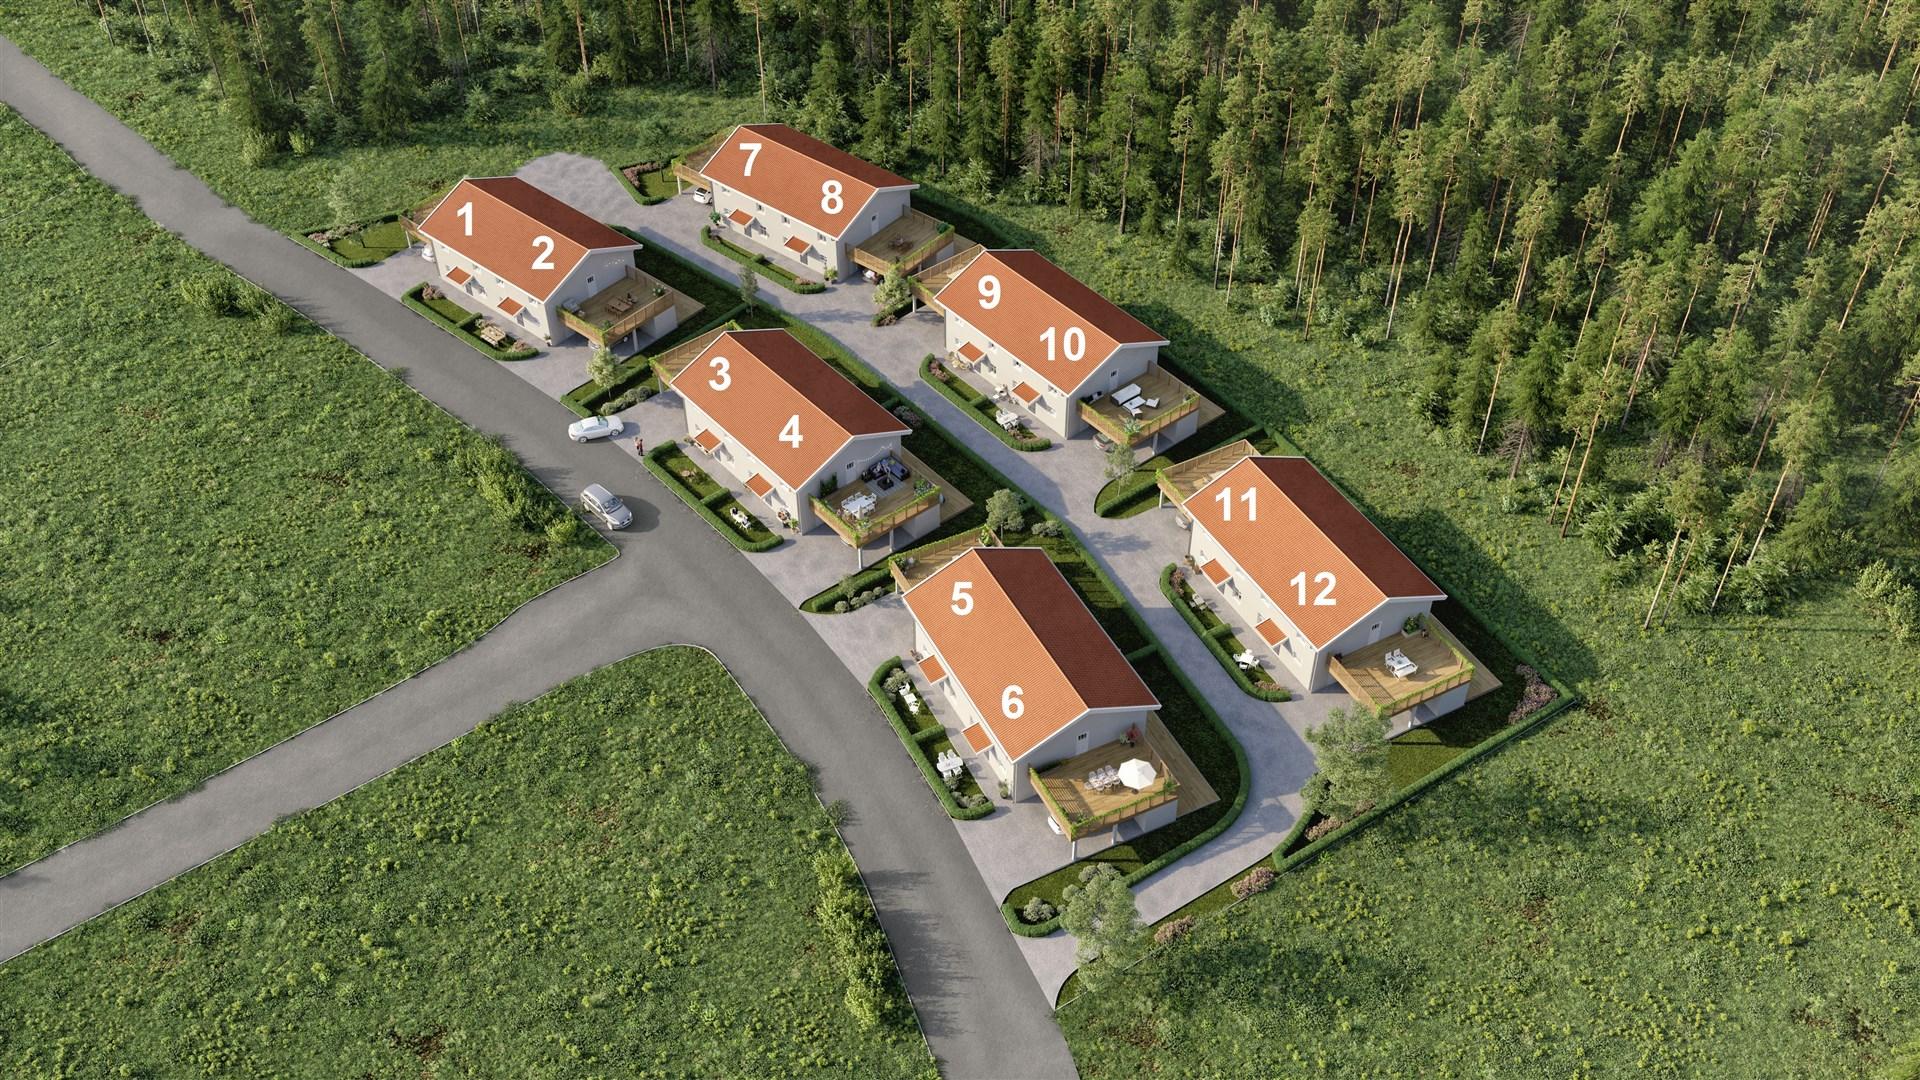 Brf Briggskutan består av 6 parhus med totalt 12 bostadsrätter